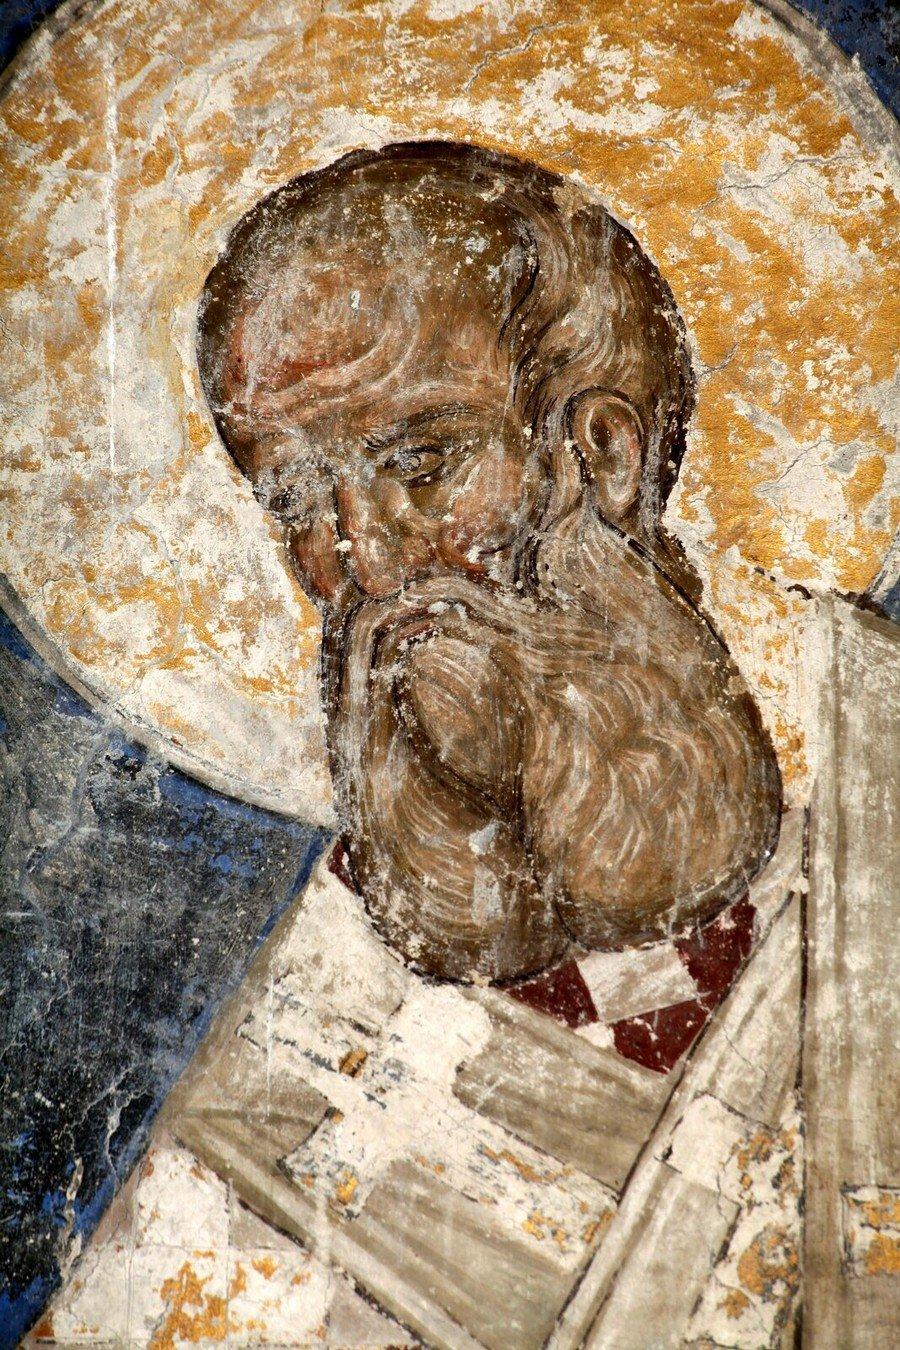 Святитель Афанасий Великий, Архиепископ Александрийский. Фреска церкви Святой Троицы в монастыре Манасия (Ресава), Сербия. До 1418 года.